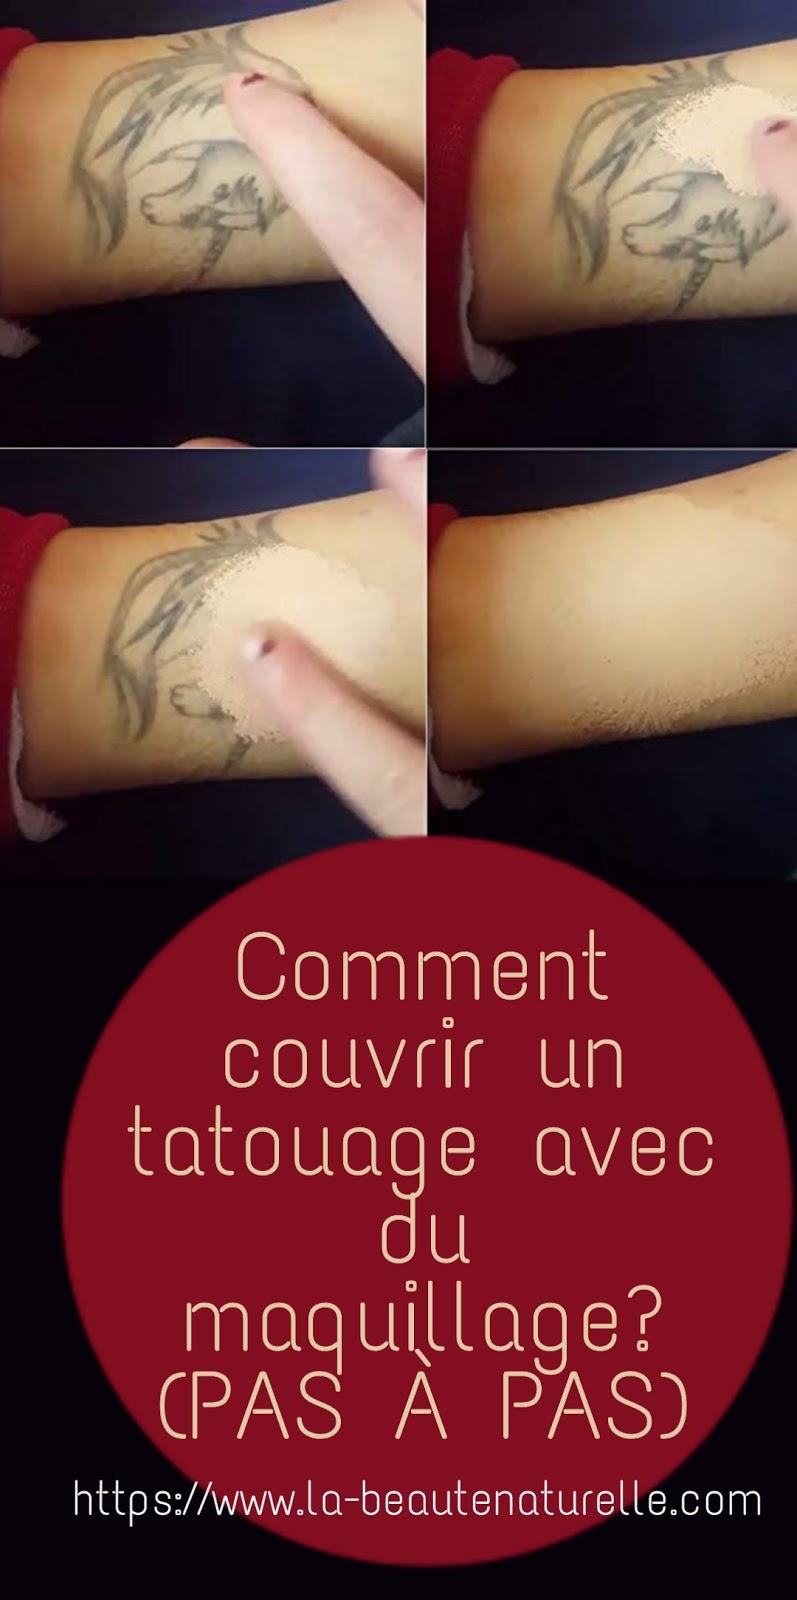 Comment couvrir un tatouage avec du maquillage? (PAS À PAS)